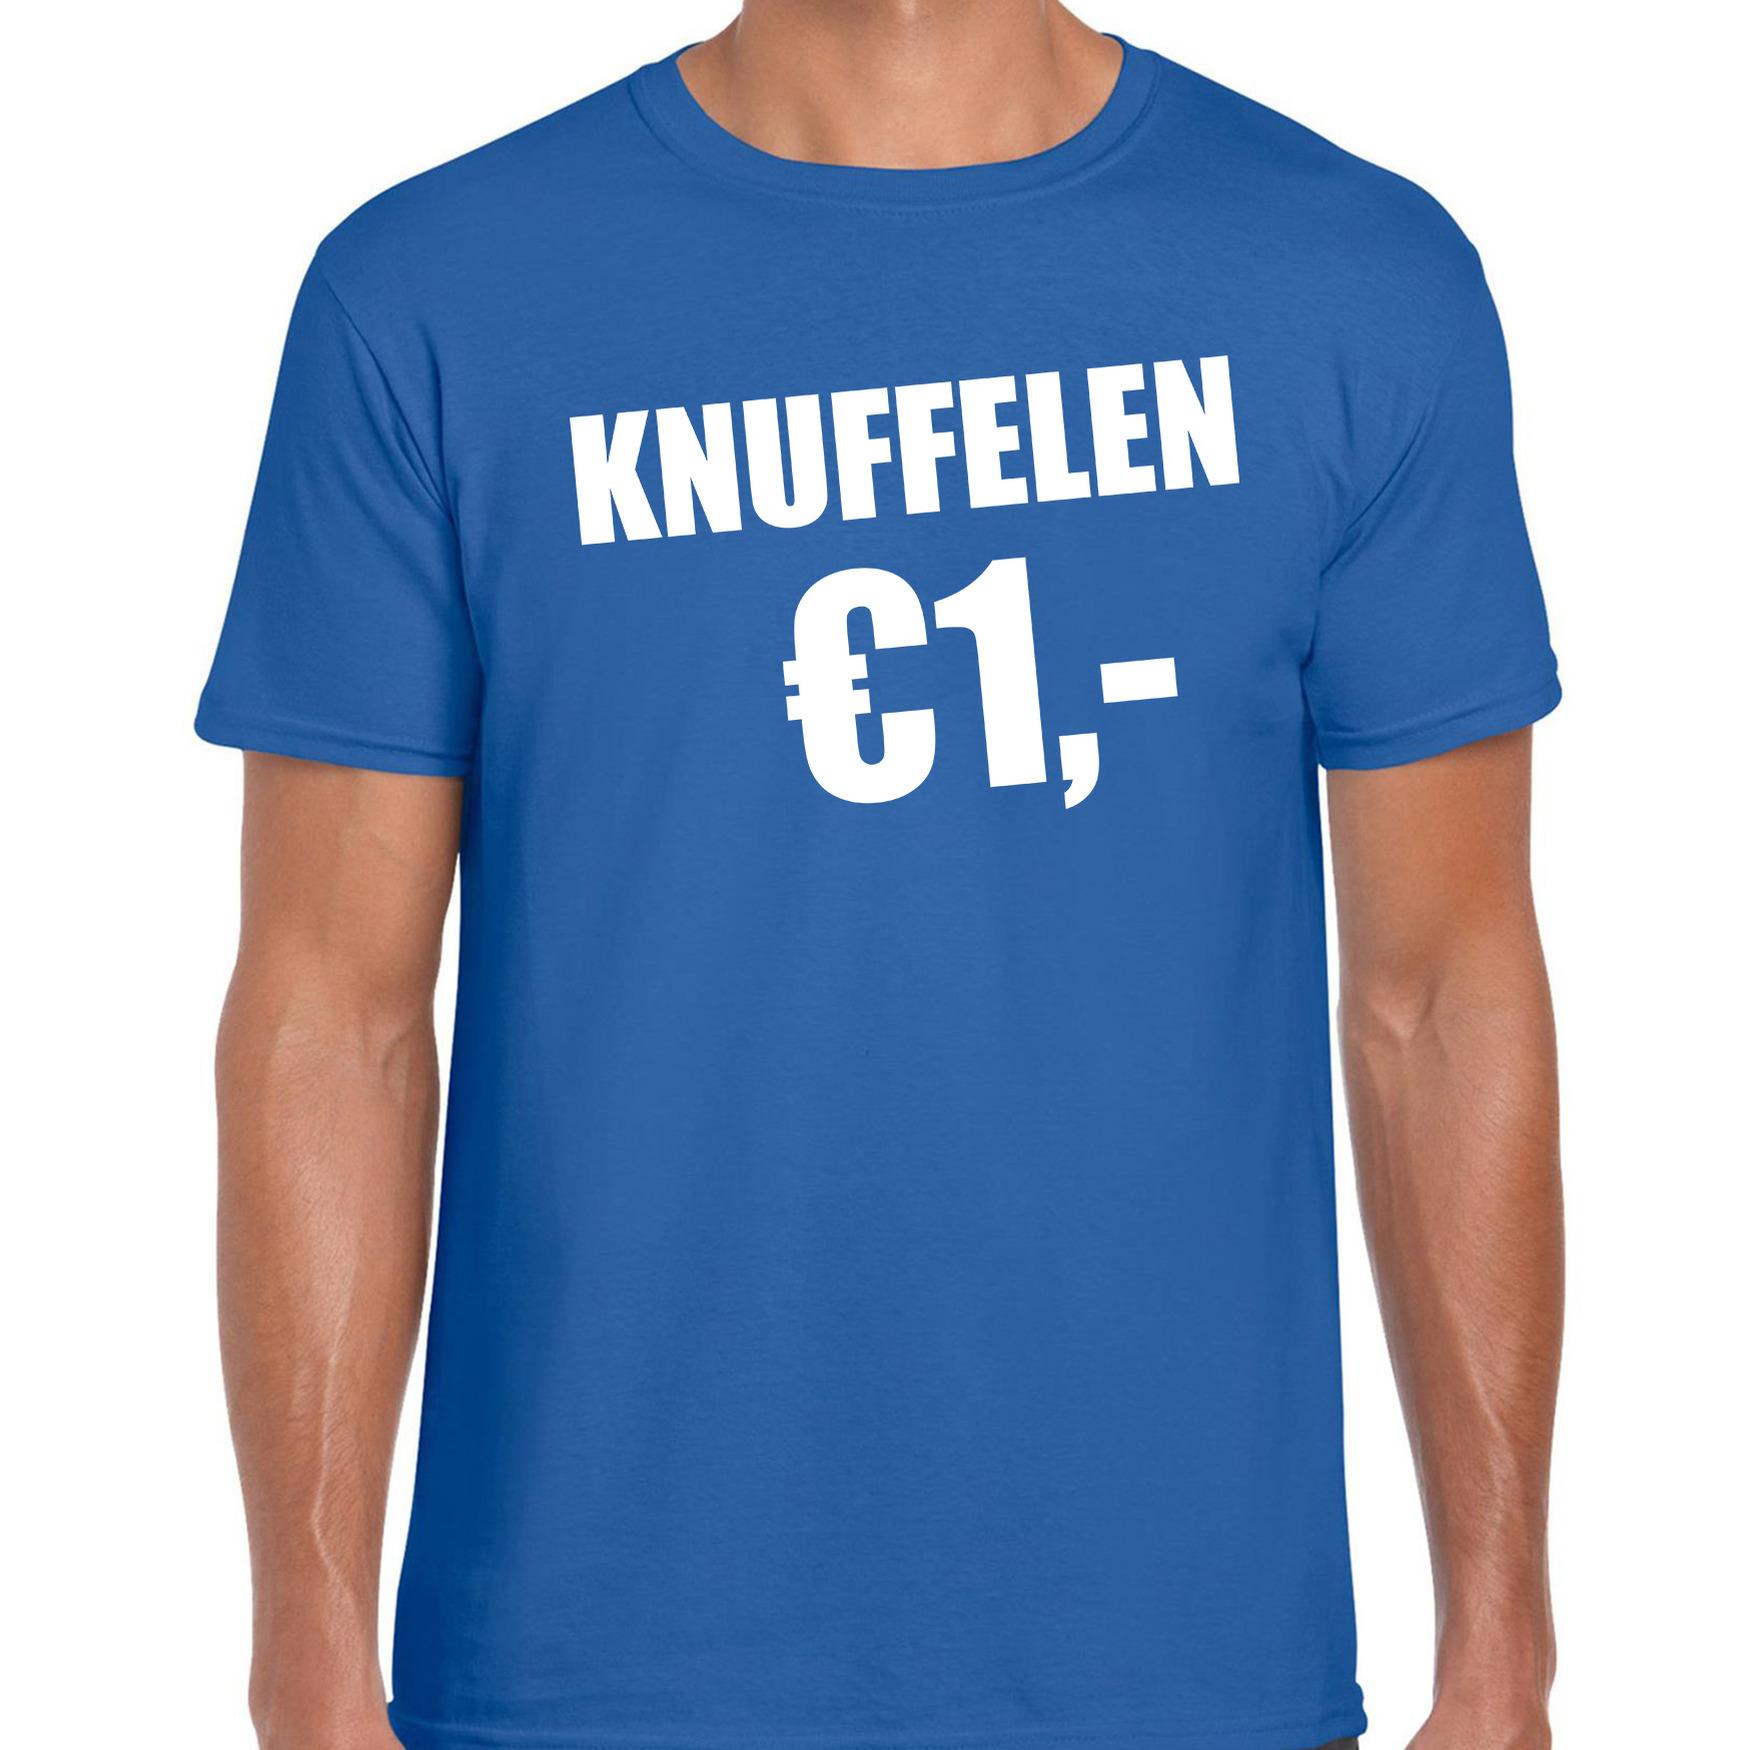 Fun t-shirt knuffelen 1 euro blauw voor heren L -